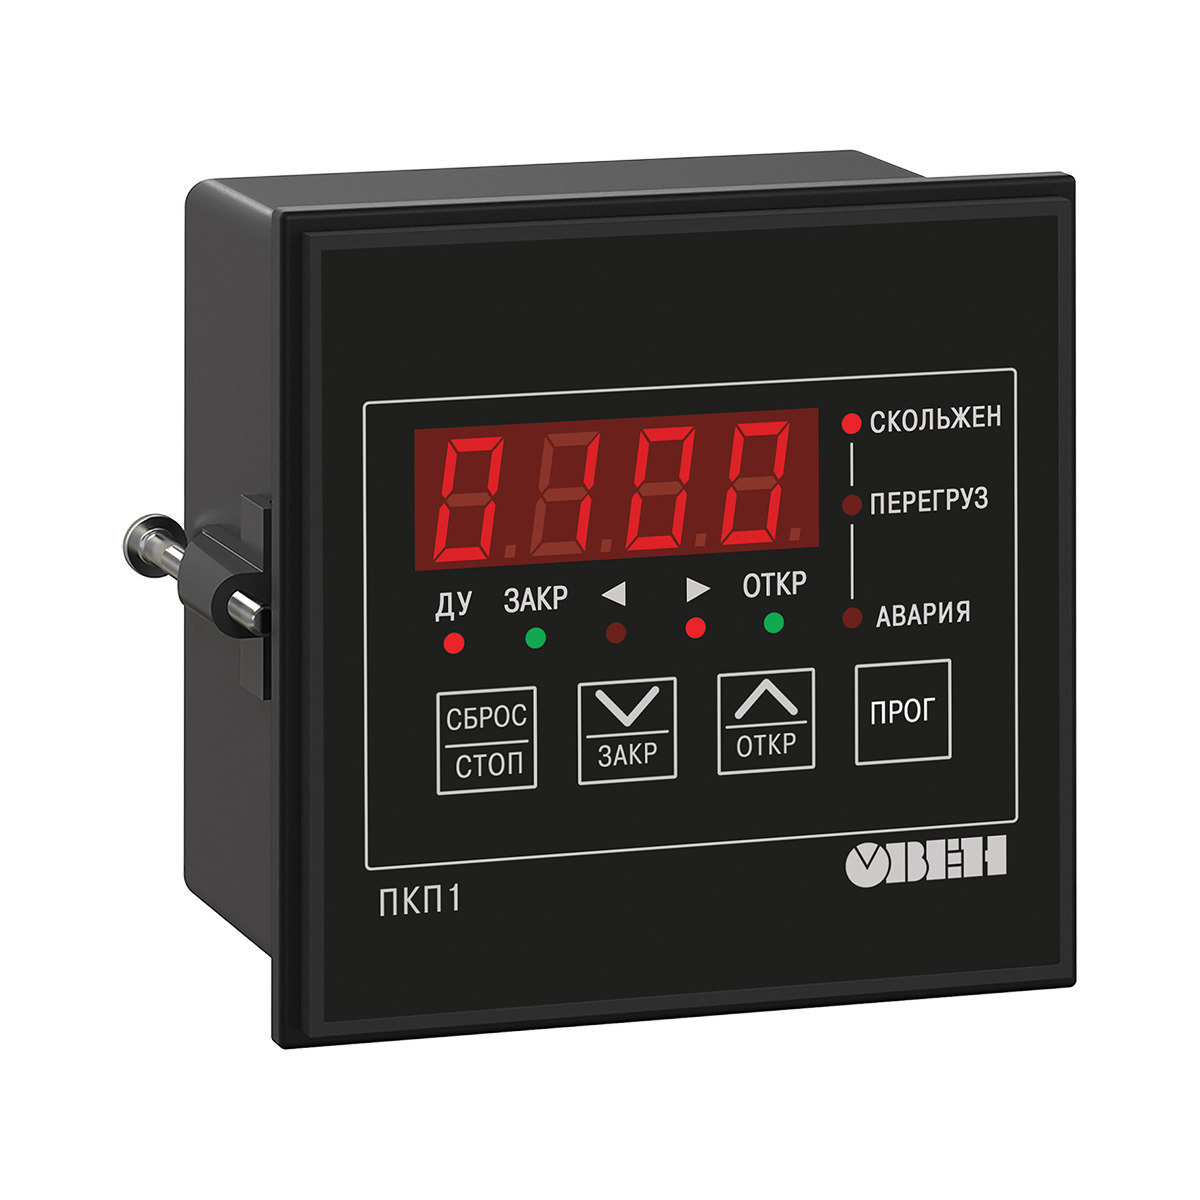 ПКП1 управление и защита электропривода задвижки без концевых выключателей